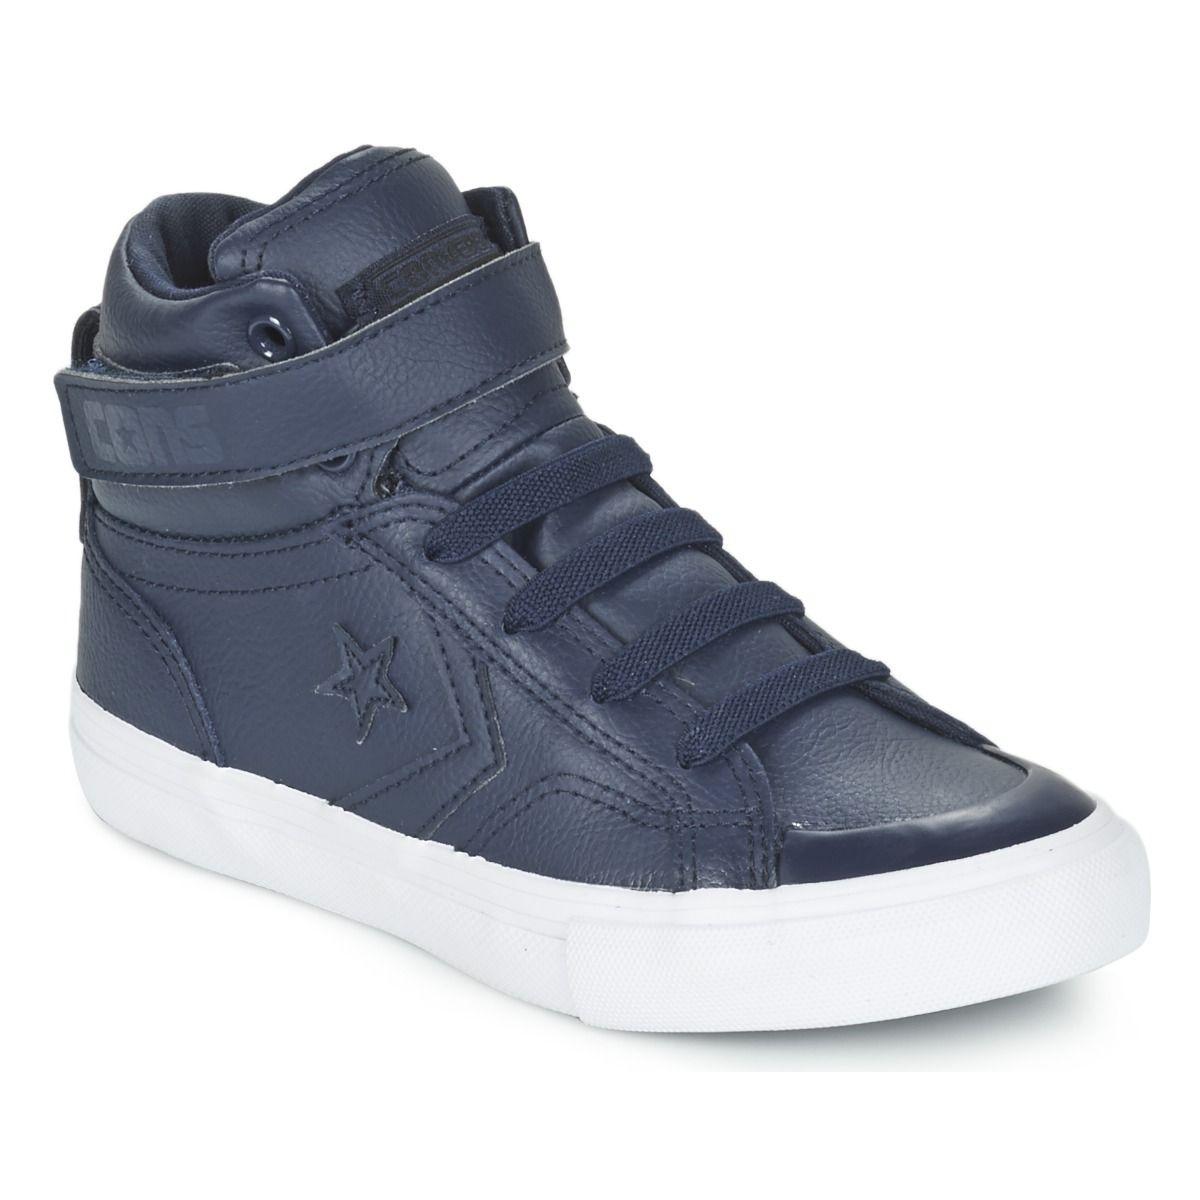 Chaussures Bleues Blaze Pour Les Filles FgJAevN4rv